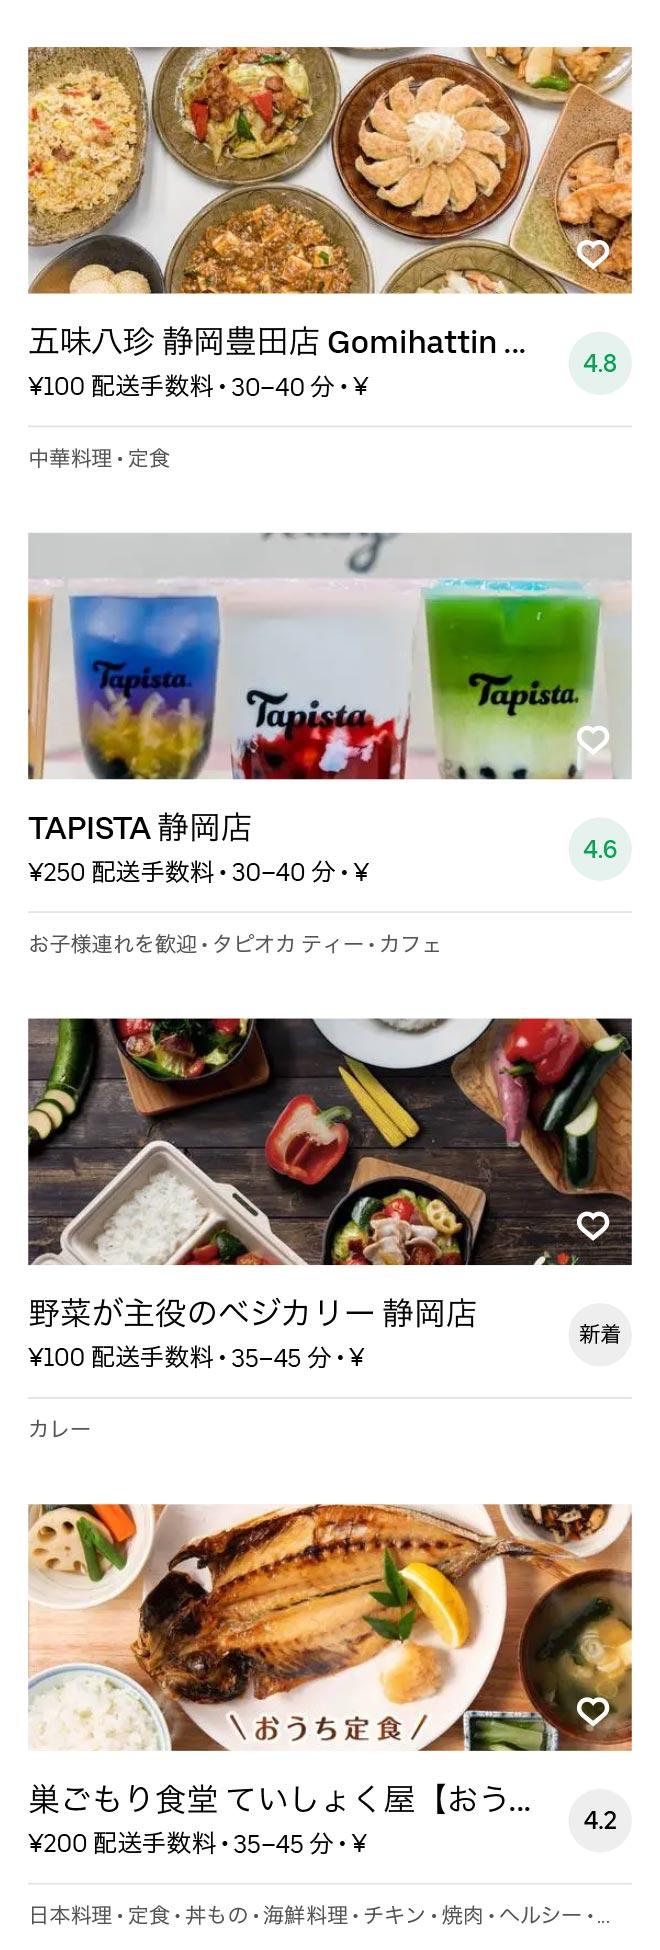 Higashi shizuoka menu 2010 09